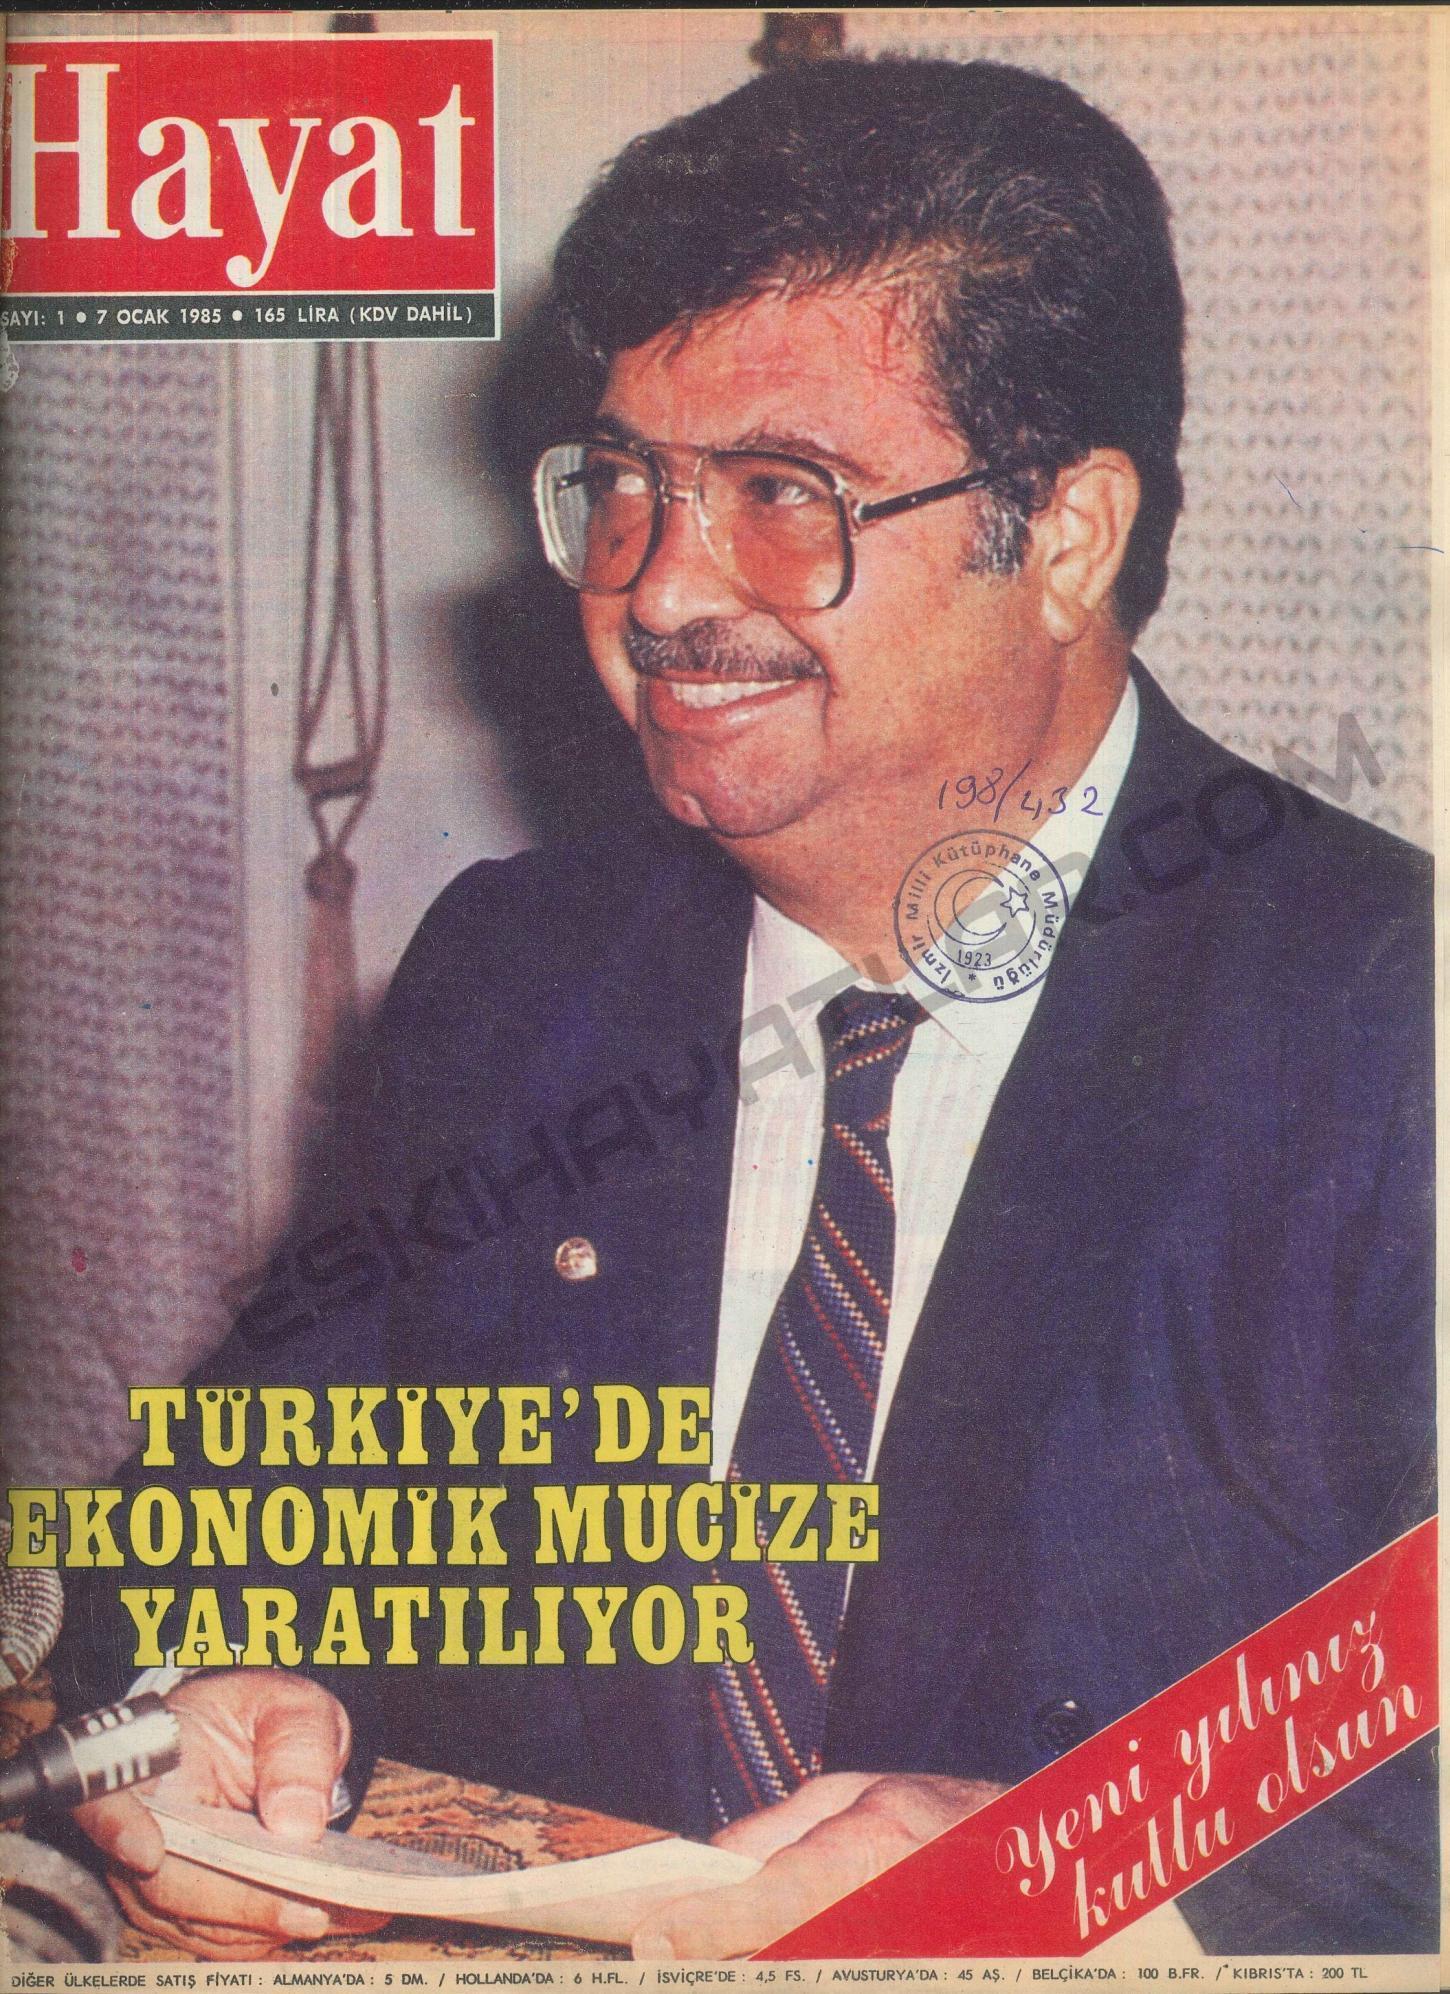 turgut-ozal-yillari-turkiye-ekonomisi-1984-yili-hayat-dergisi (1)